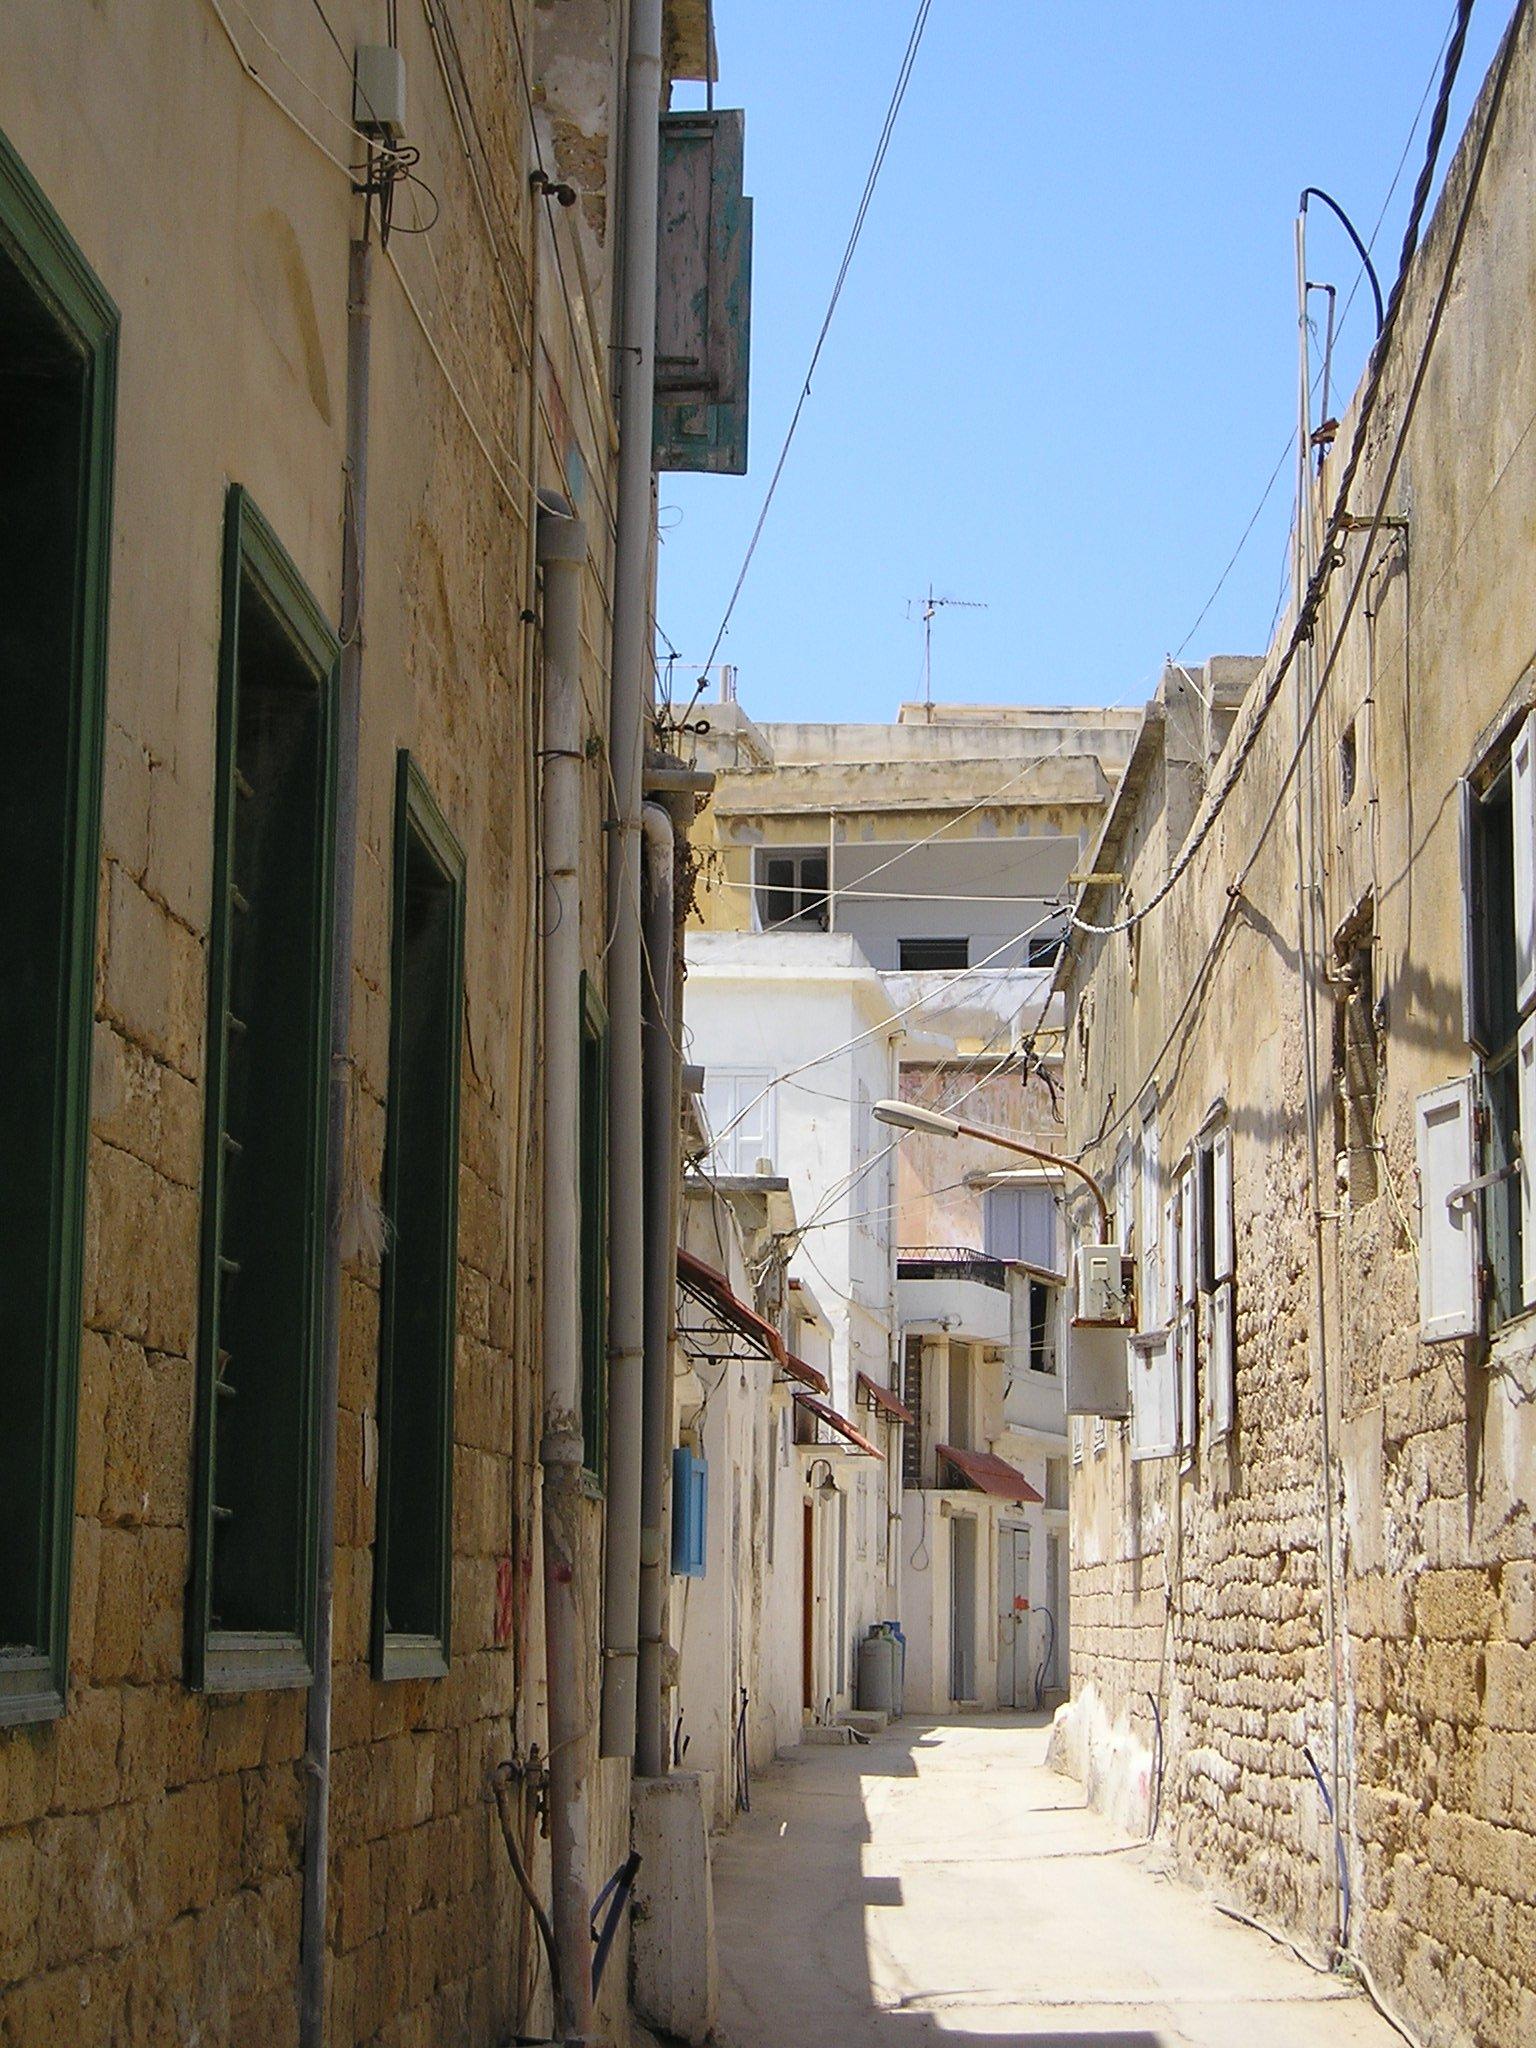 Hoy día Sidón, a unos 33 kilómetros de Beirut, tiene una población de 36.000. Sus habitantes manufacturan un vidrio de excelente calidad, hecho de una arena muy fina traída de la costa cerca del monte Carmelo. Por su parte, Tiro es hoy un pueblecito de 9.500 personas, con calles angostas y casas venidas a menos. La mayor parte de sus habitantes son musulmanes. Casi todo su comercio ya ha sido desviado a Beirut.